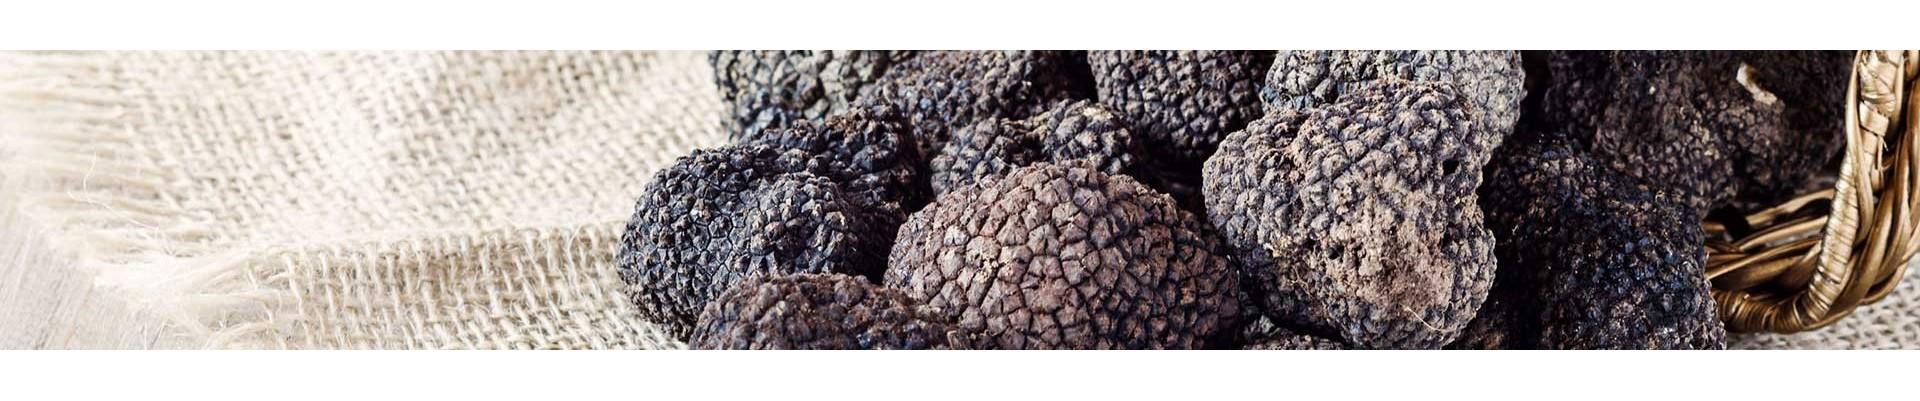 Truffes - Les produits de Provence - Escargots, Truffes, Miel - Enclave des Papes